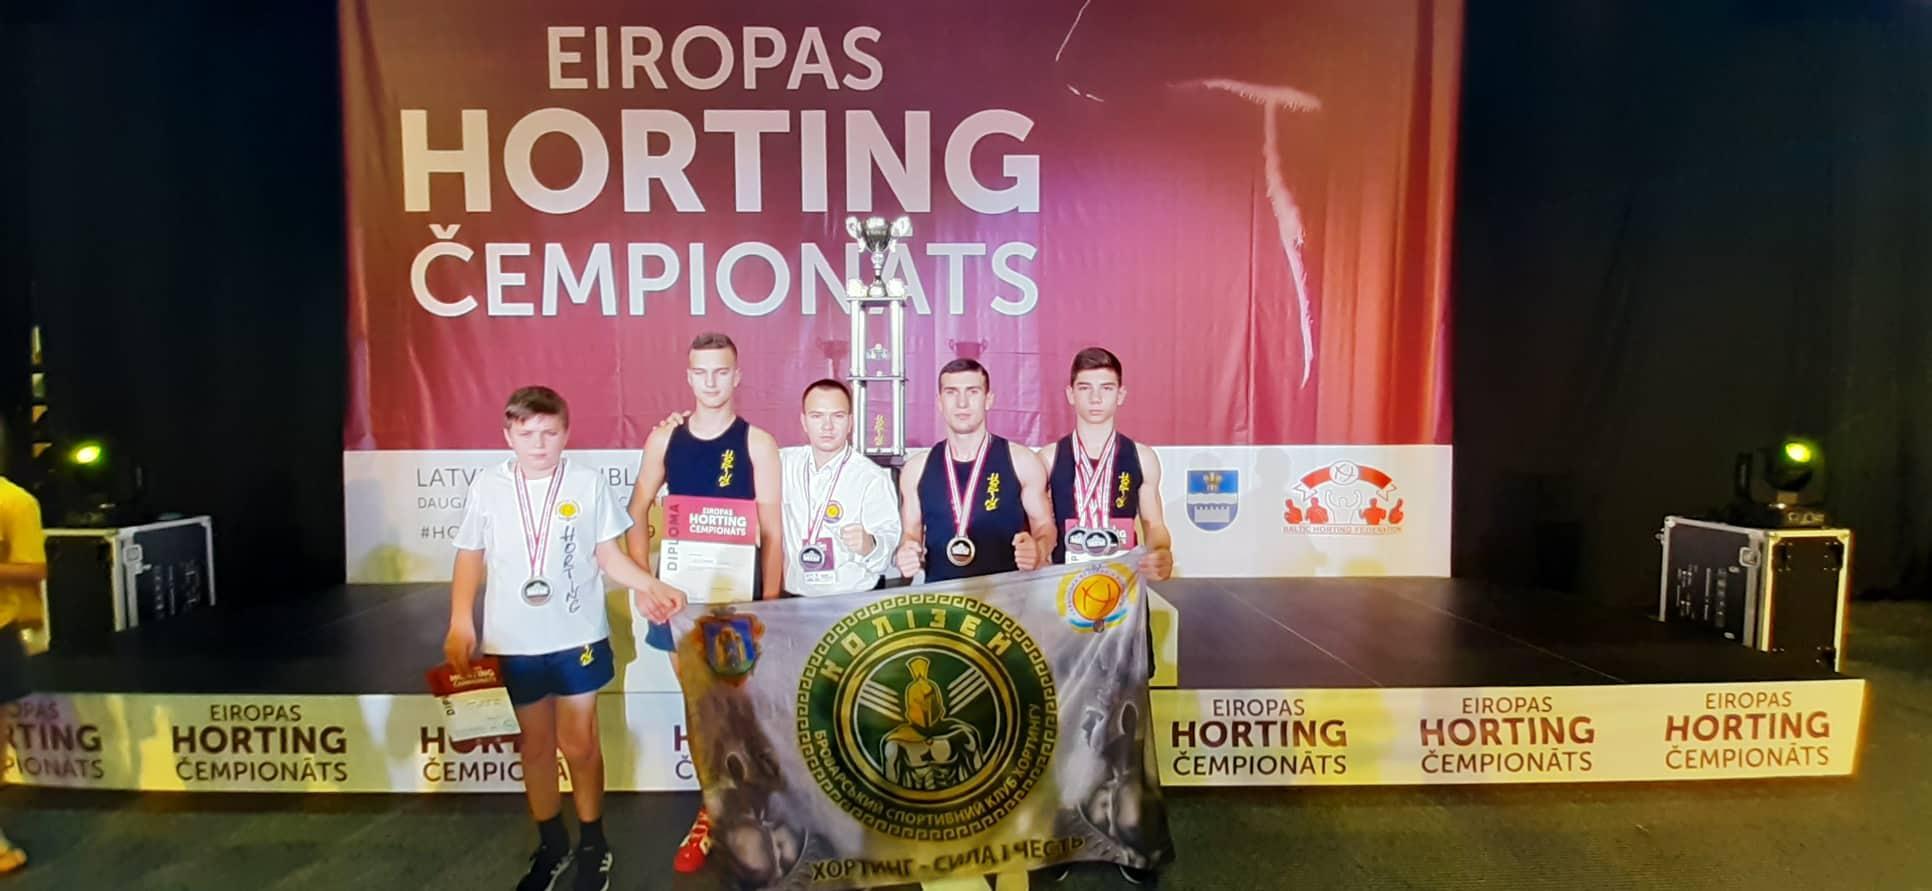 IV чемпіонат Європи з хортингу. фото